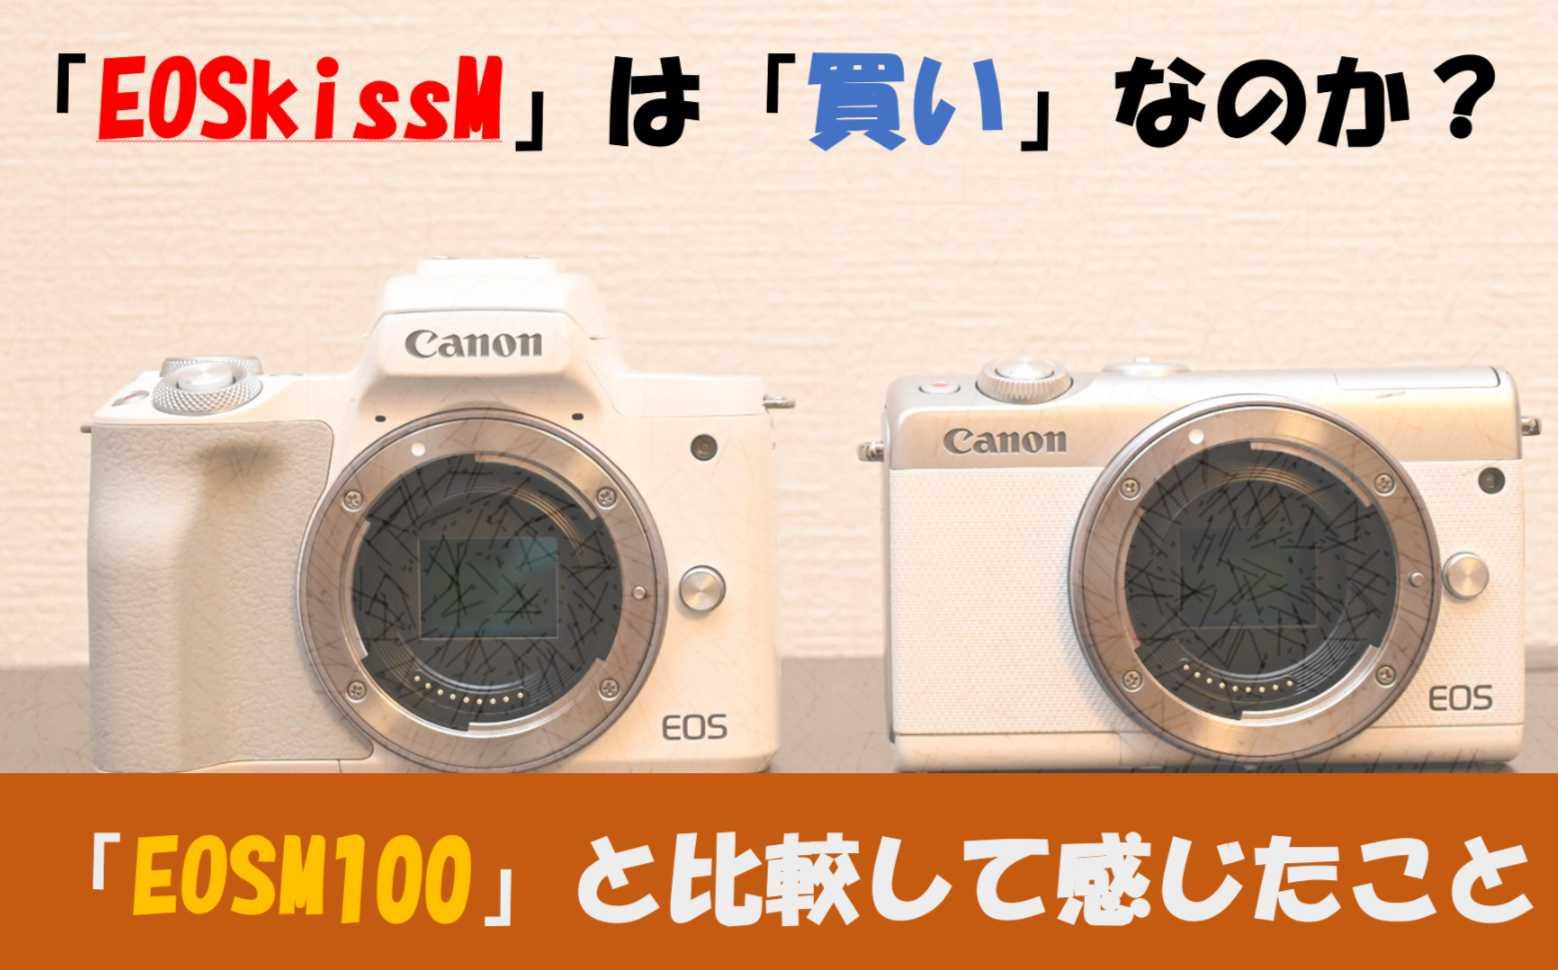 【初心者向け】EOSkissMは買いなのか?「EOSM100」と比較してみた【ミラーレスカメラの決定版】